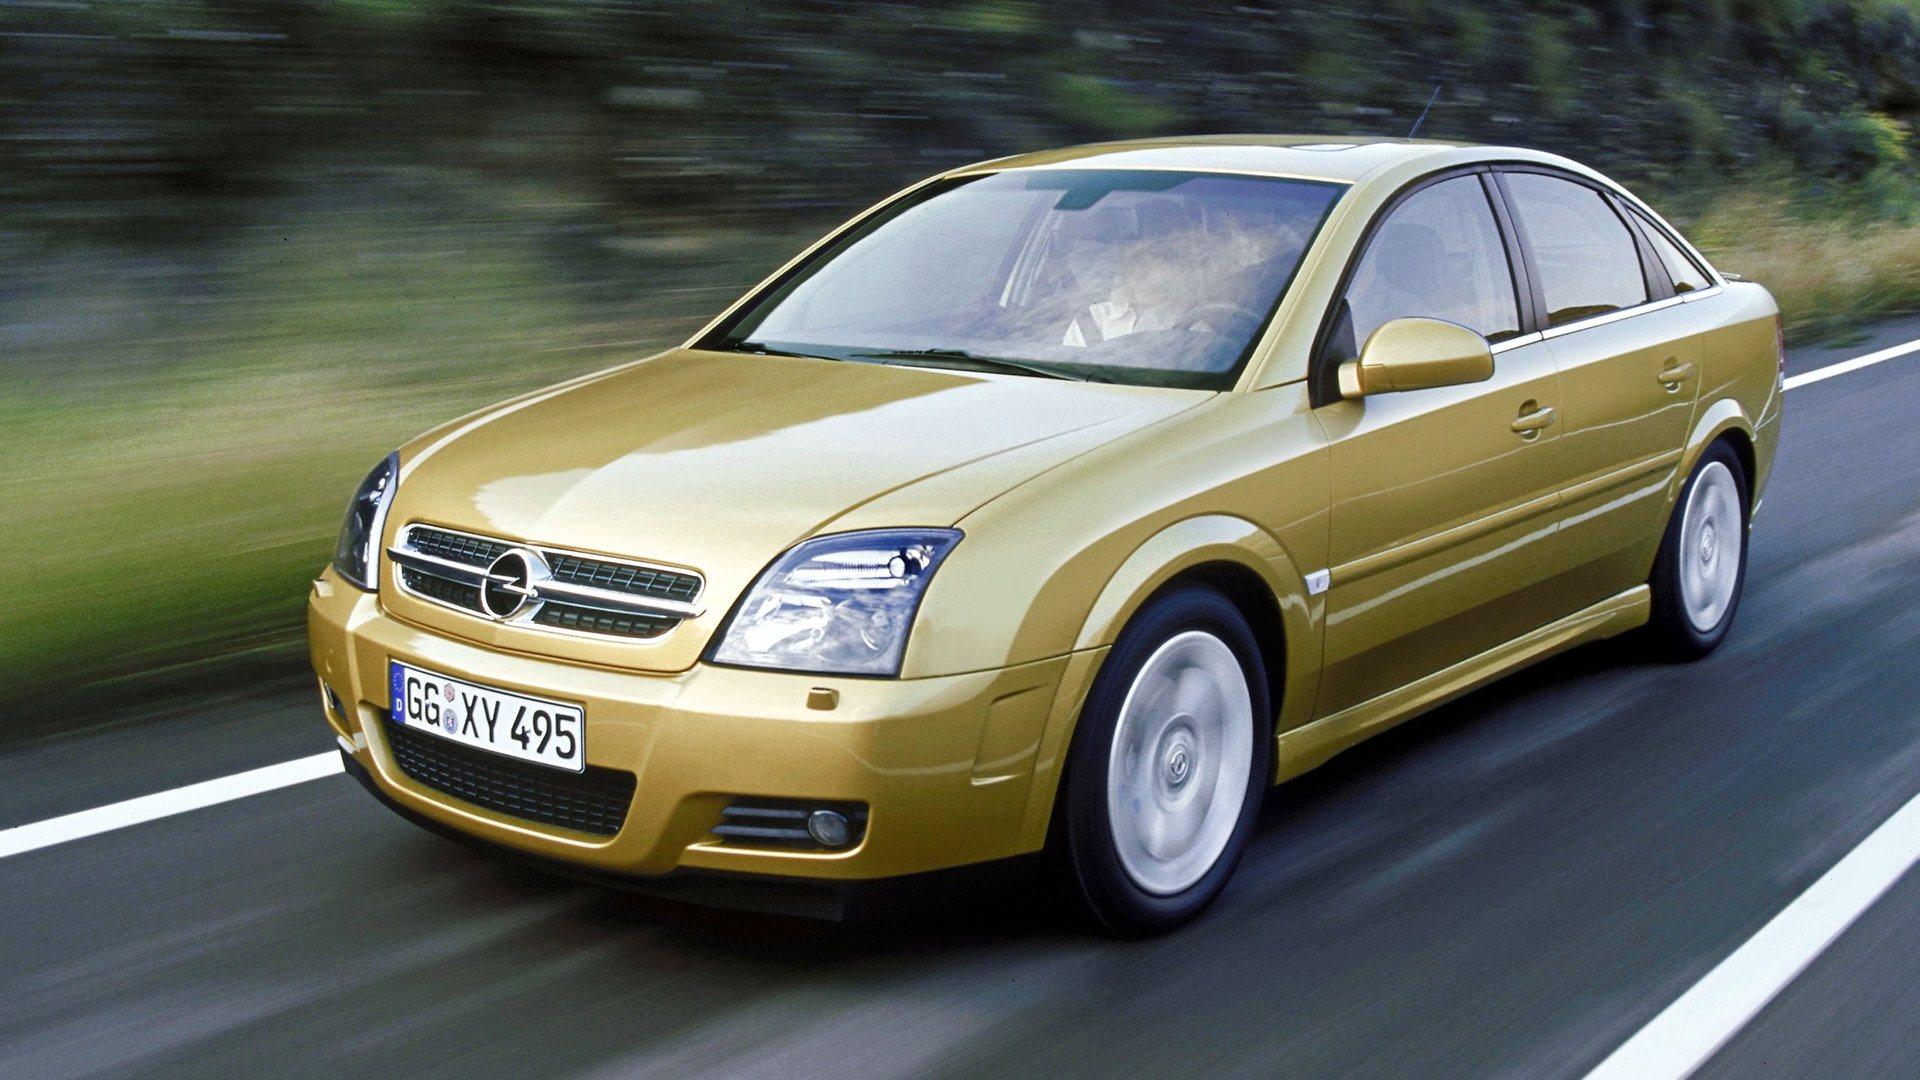 Coche del día: Opel Vectra GTS 3.2 V6 (C)